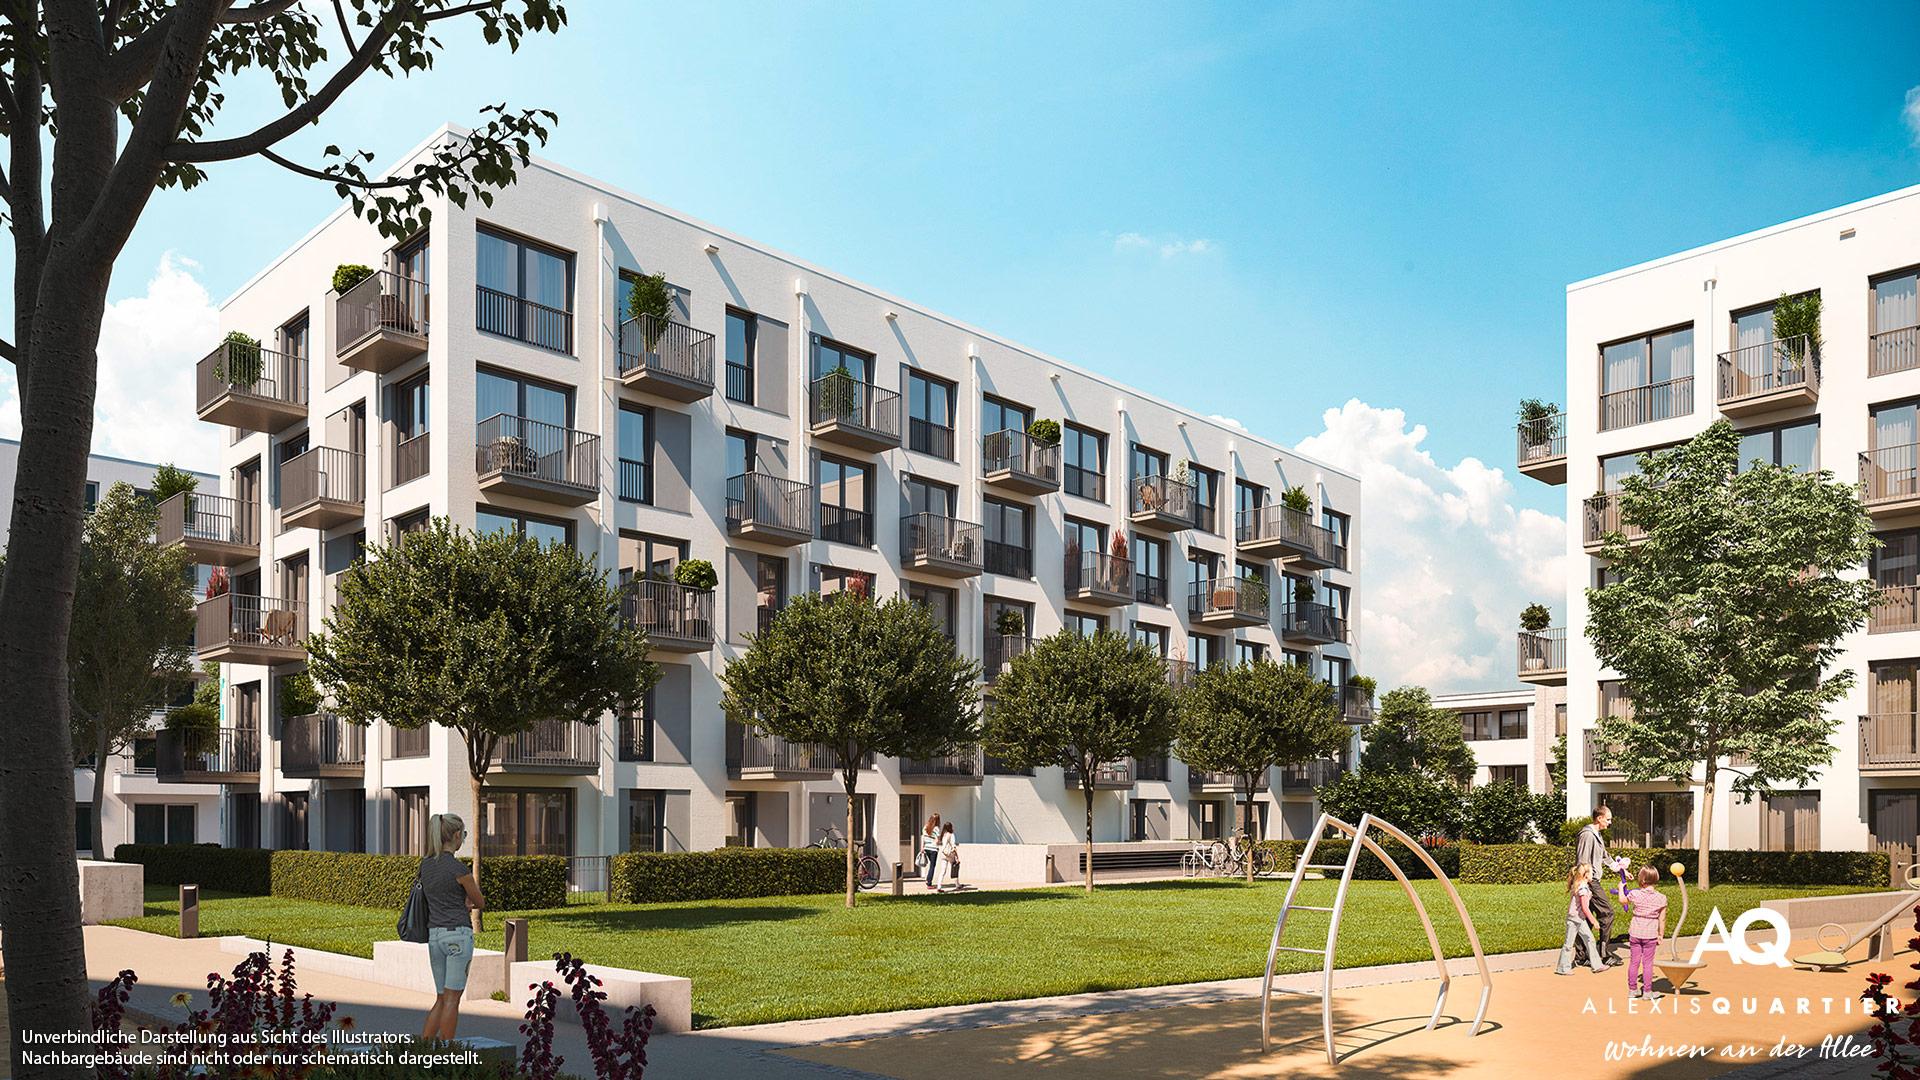 Immobilie Alexisquartier - Wohnen an der Allee - Illustration 7